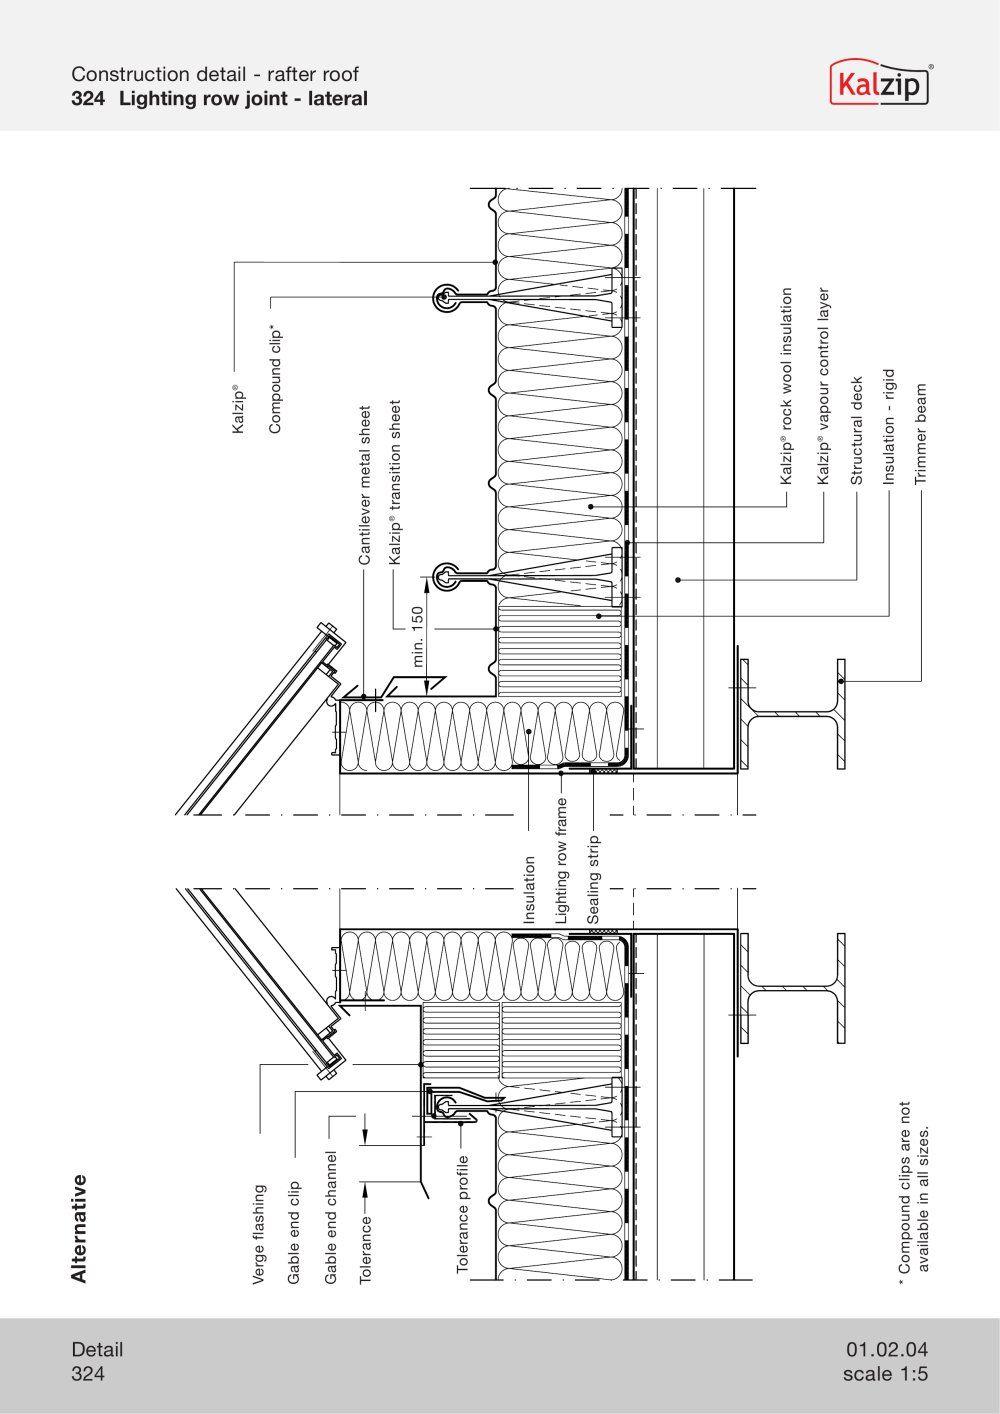 Kalzip Roofing Detail Amp Kalzip Liner Deck Roof System